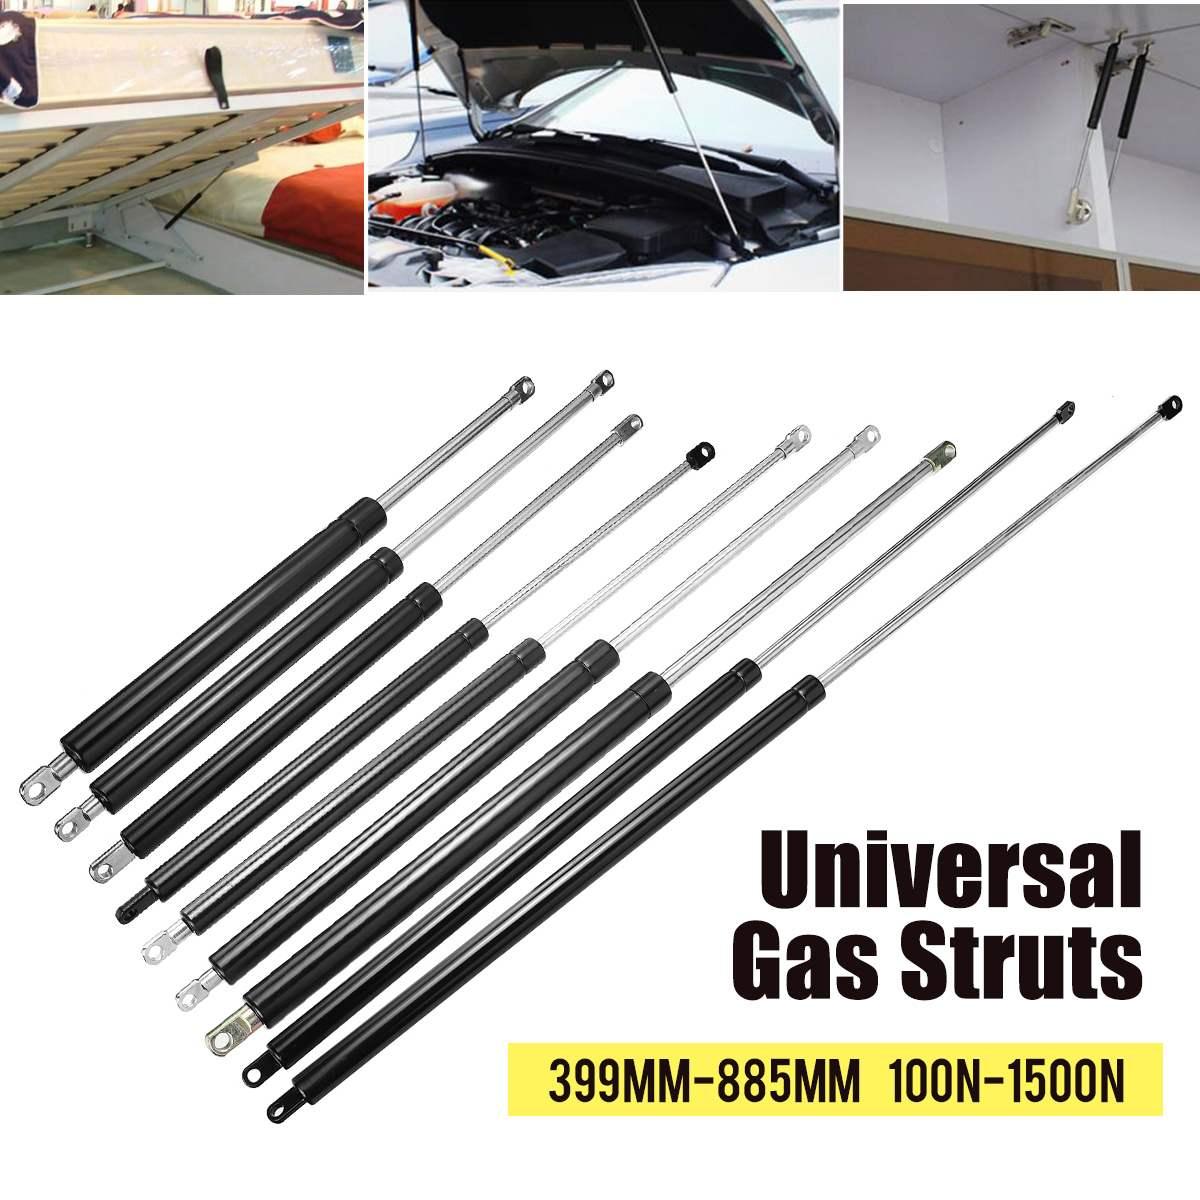 2 pces 399-600mm 100-1500n carro struts gás capô tronco bagageira elevador de choque suporte barra de mola de gás ônibus cama caminhão janela